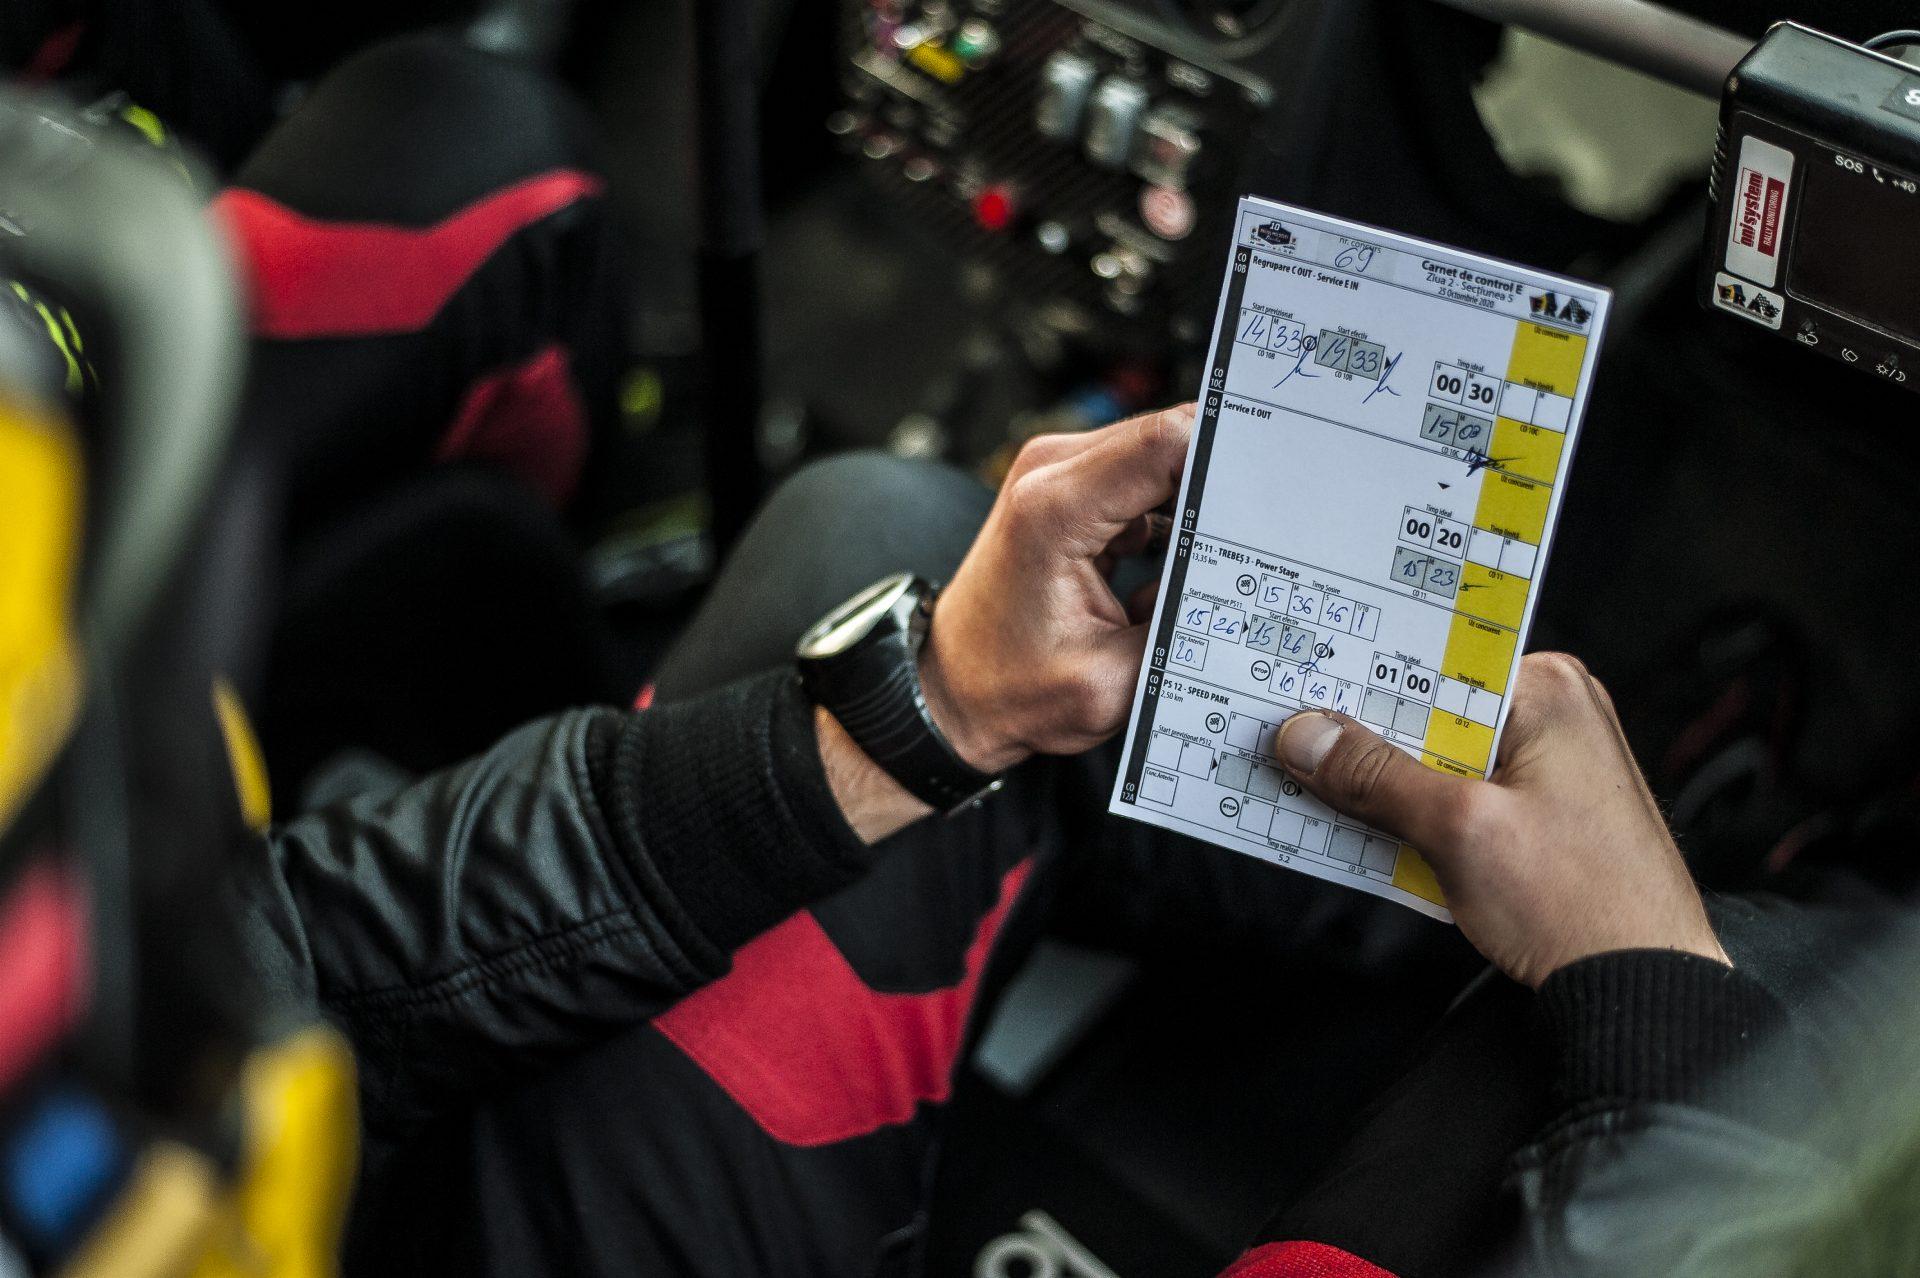 Parerea piloților despre modificările de calendar CNR – Partea 2